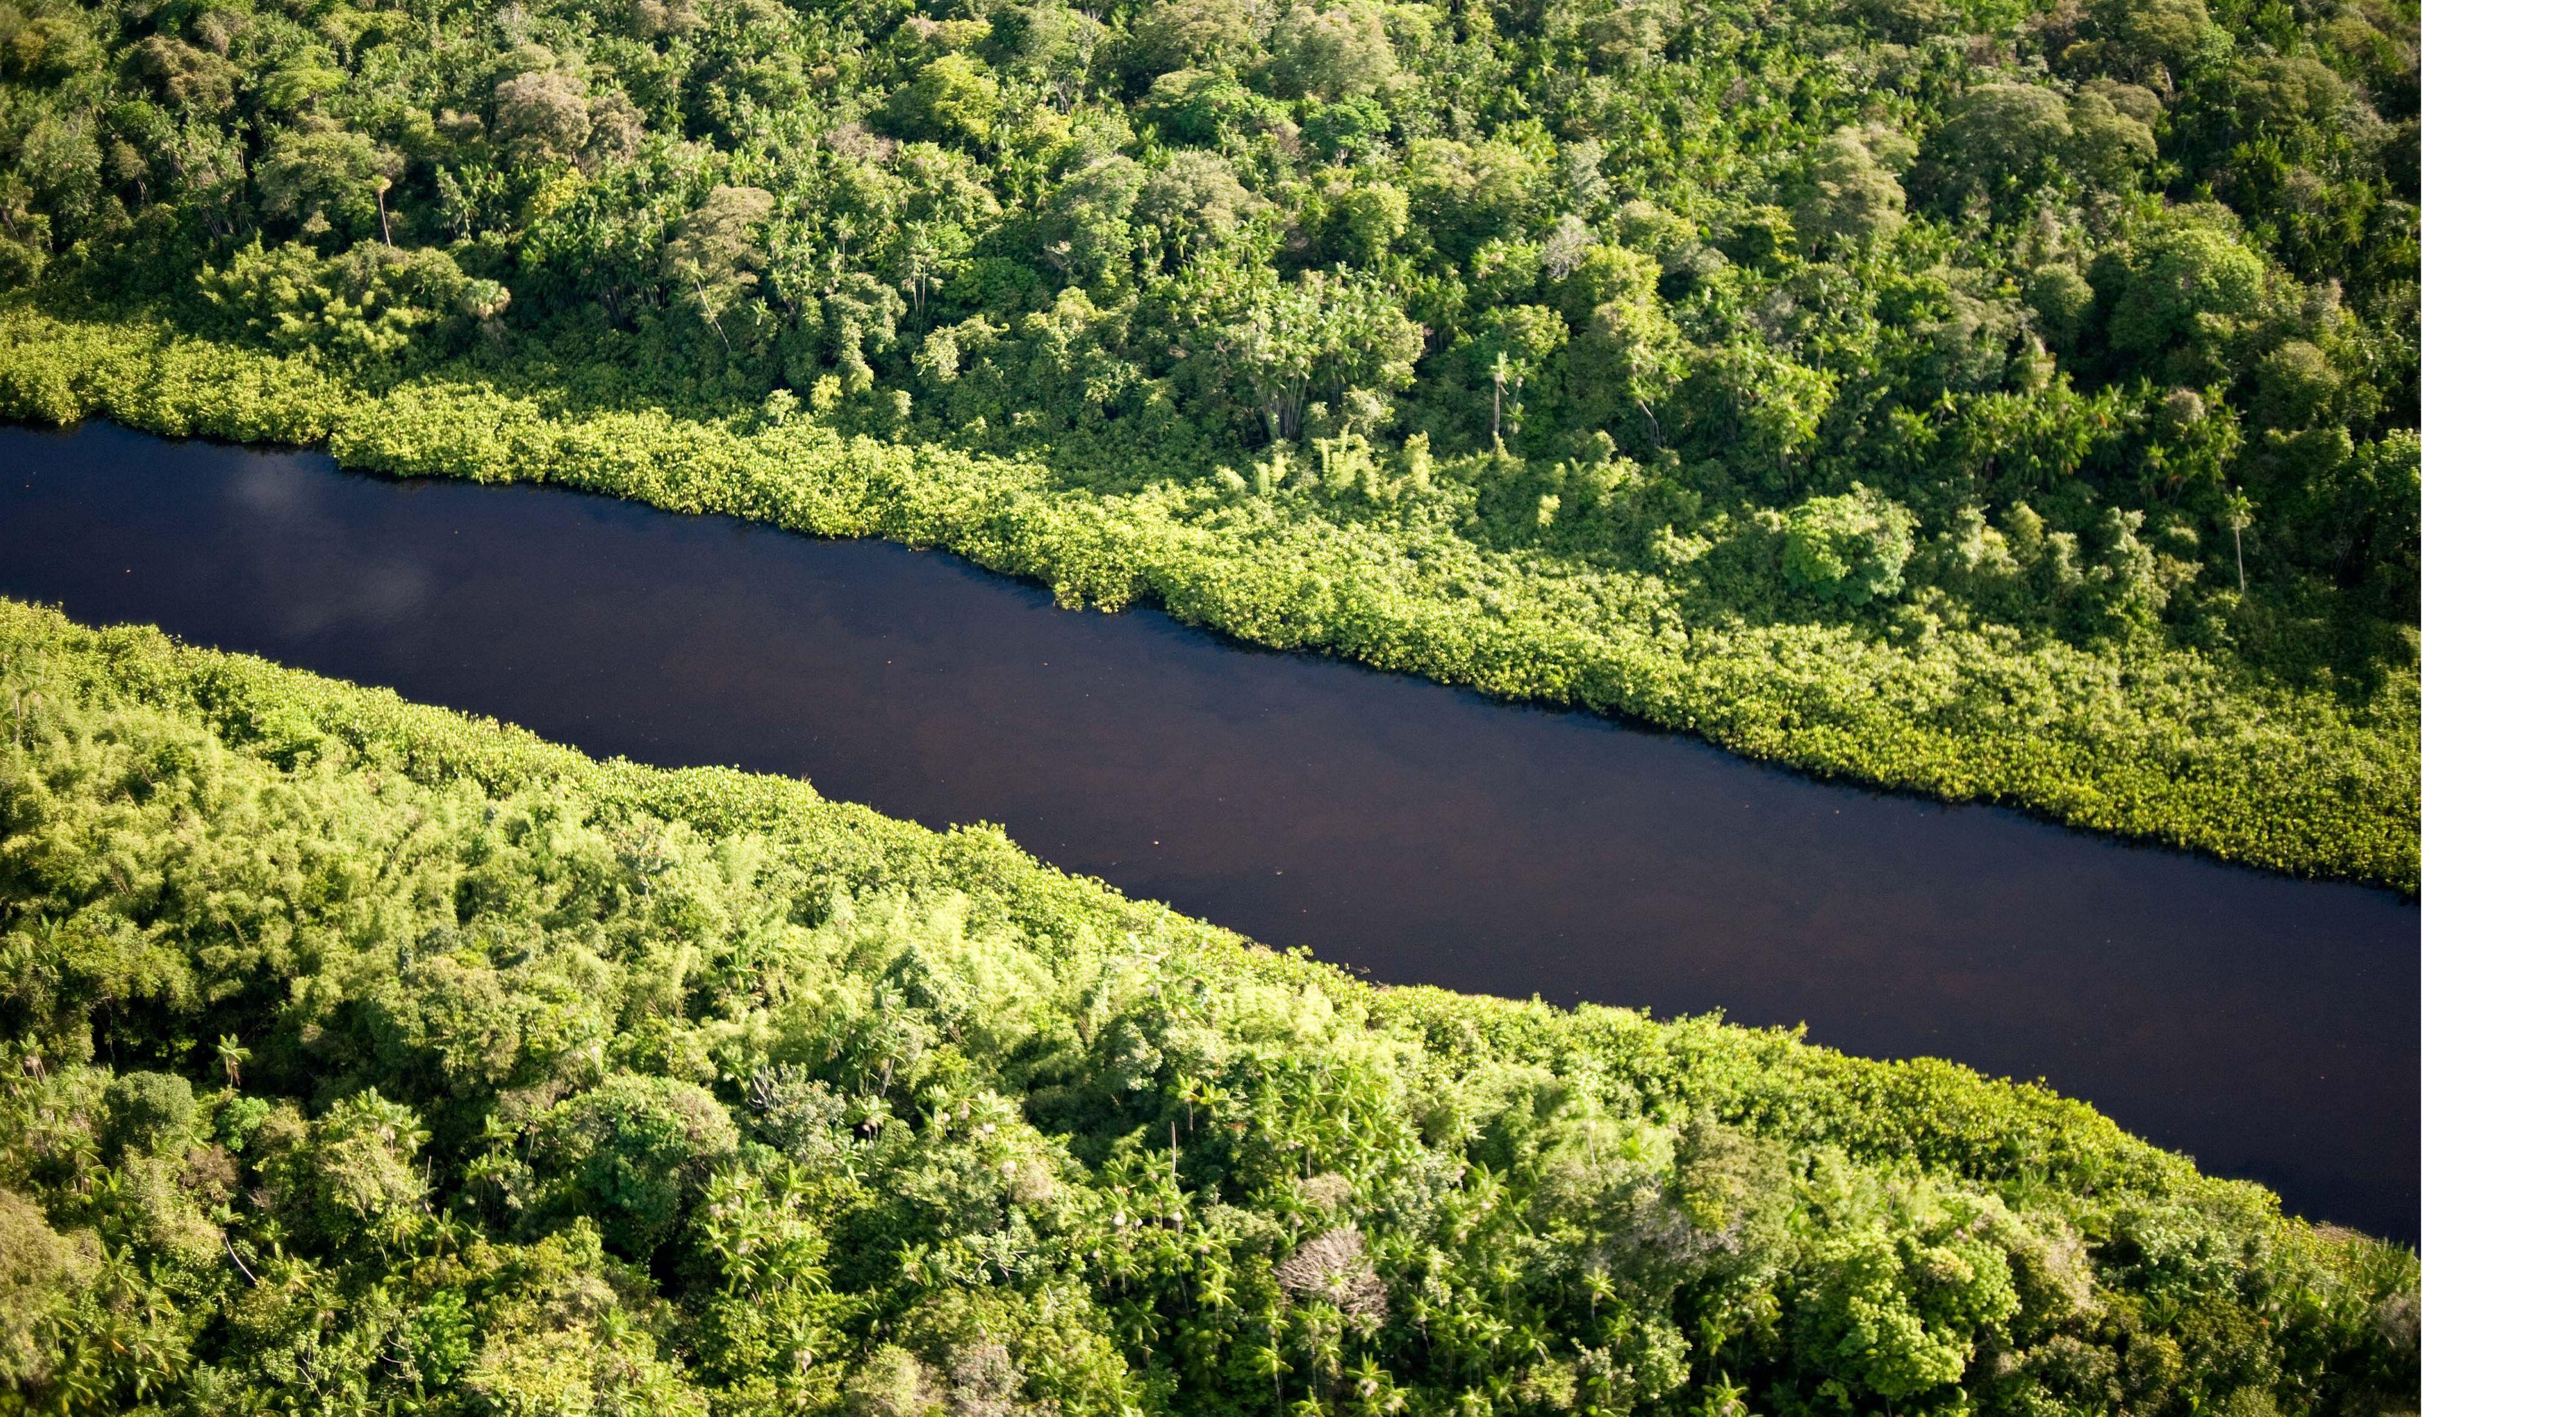 Vista aérea da extensa região indígena Oiapaque na Amazônia, Brasil.